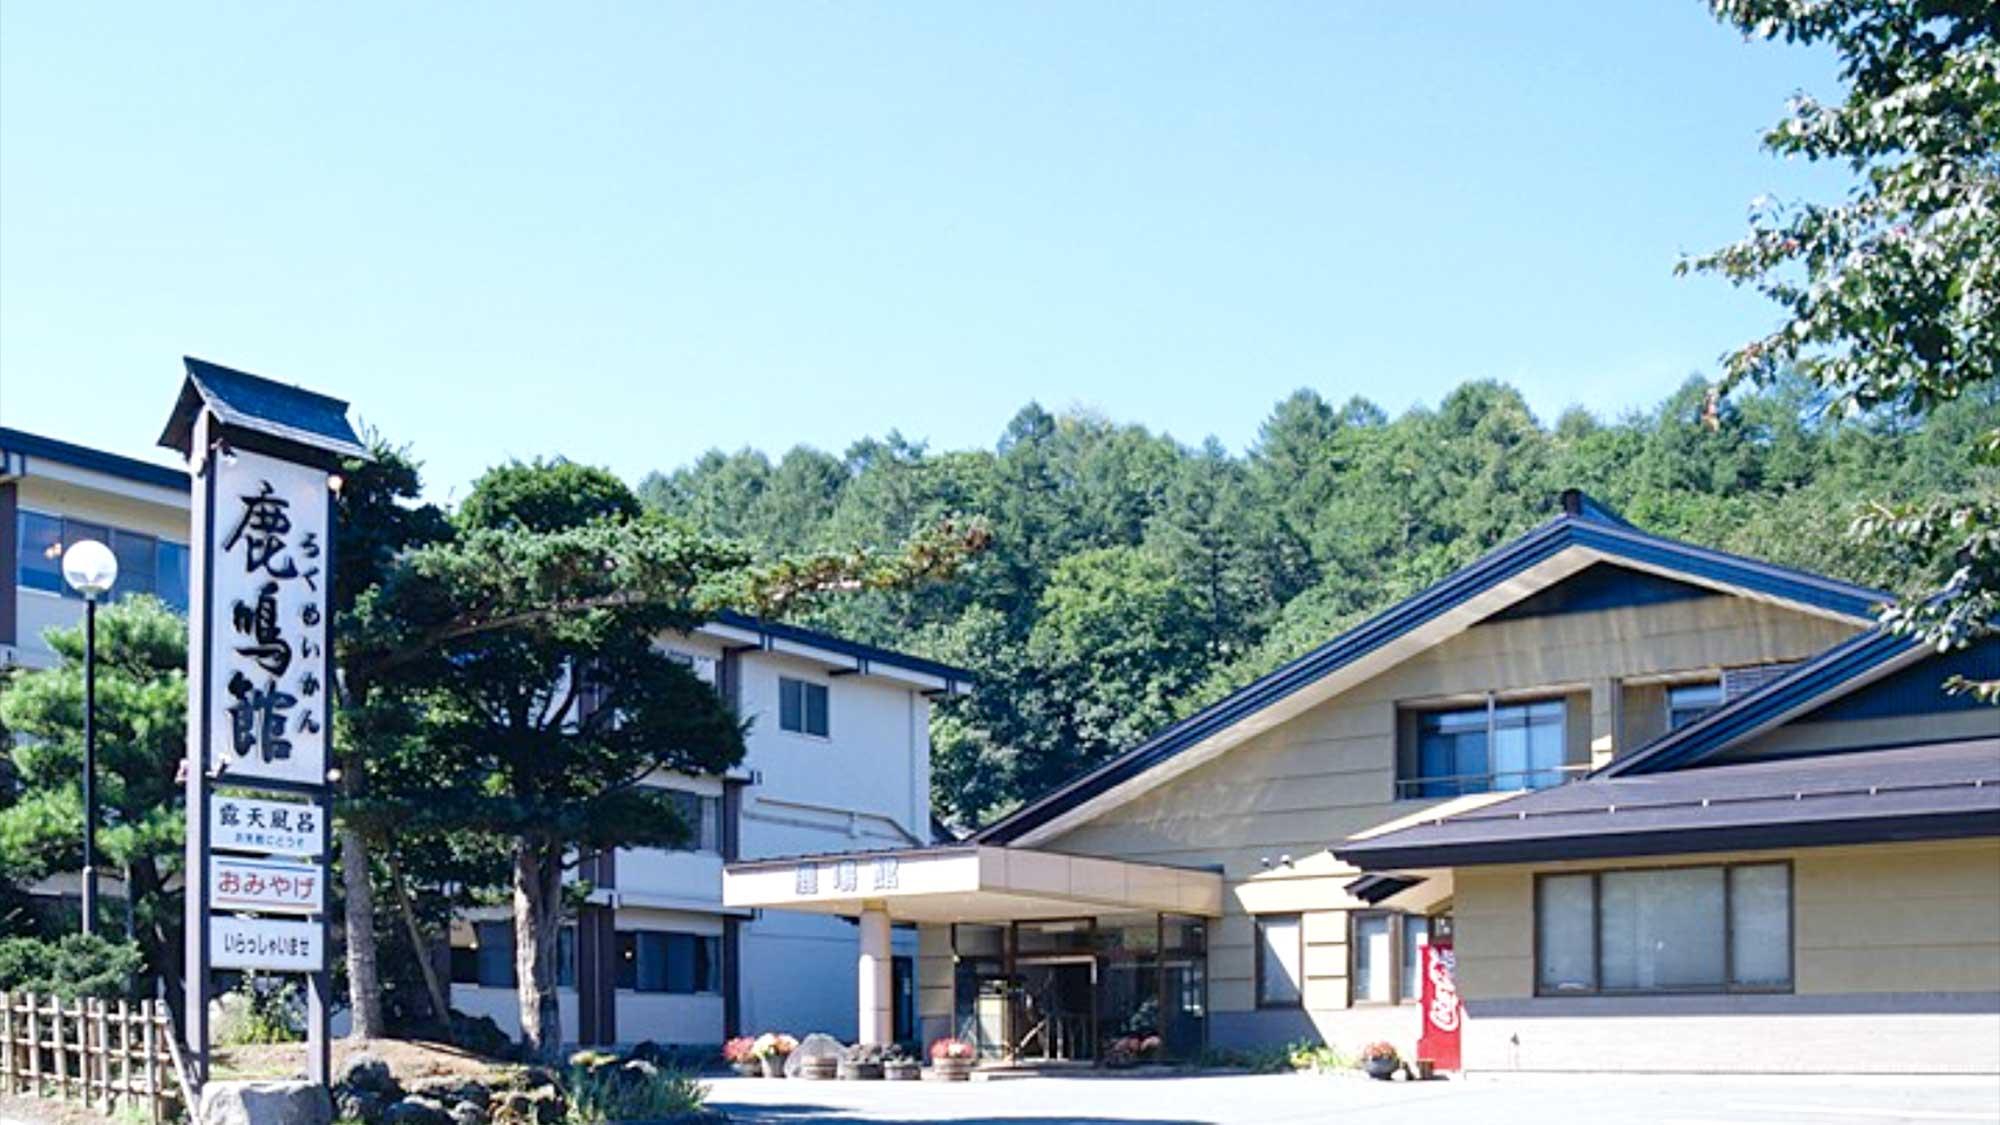 鹿沢温泉周辺でスキーがより楽しめるおすすめ旅館